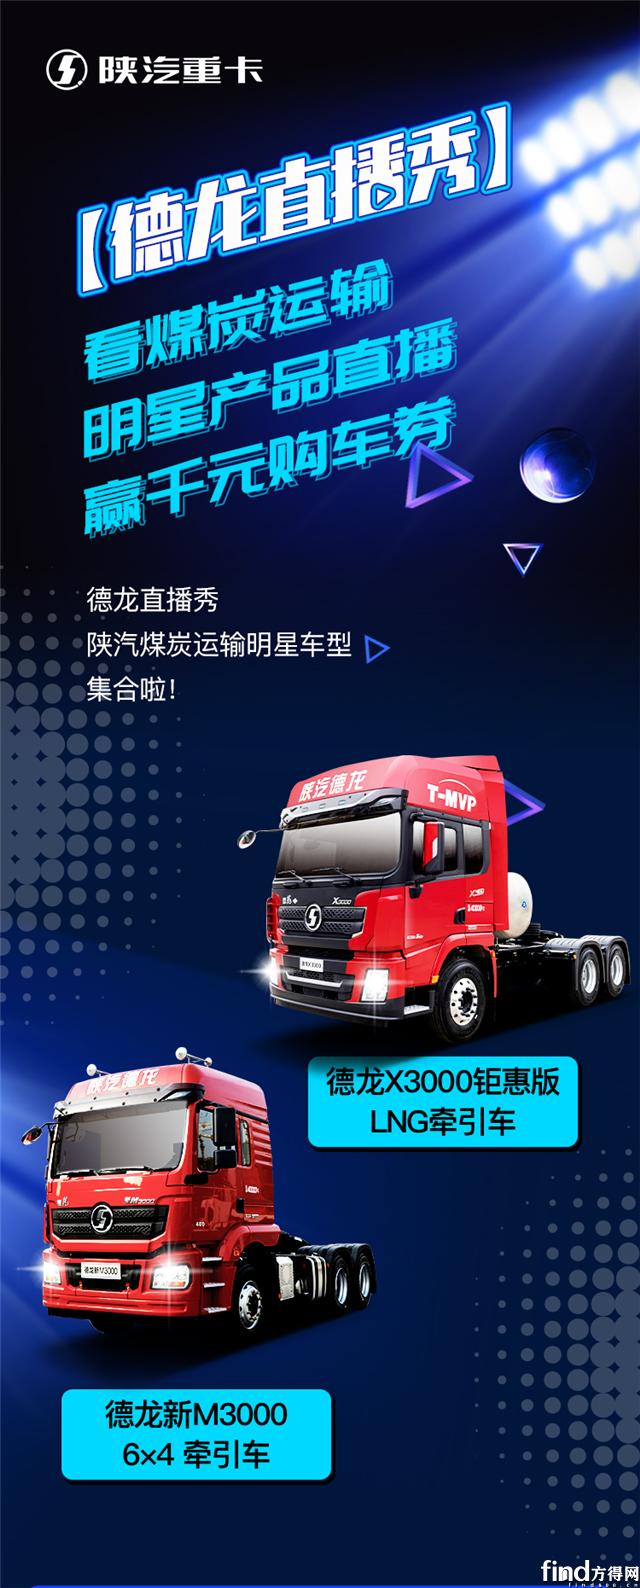 【德龙直播秀】 看煤炭运输明星产品直播,赢千元购车券